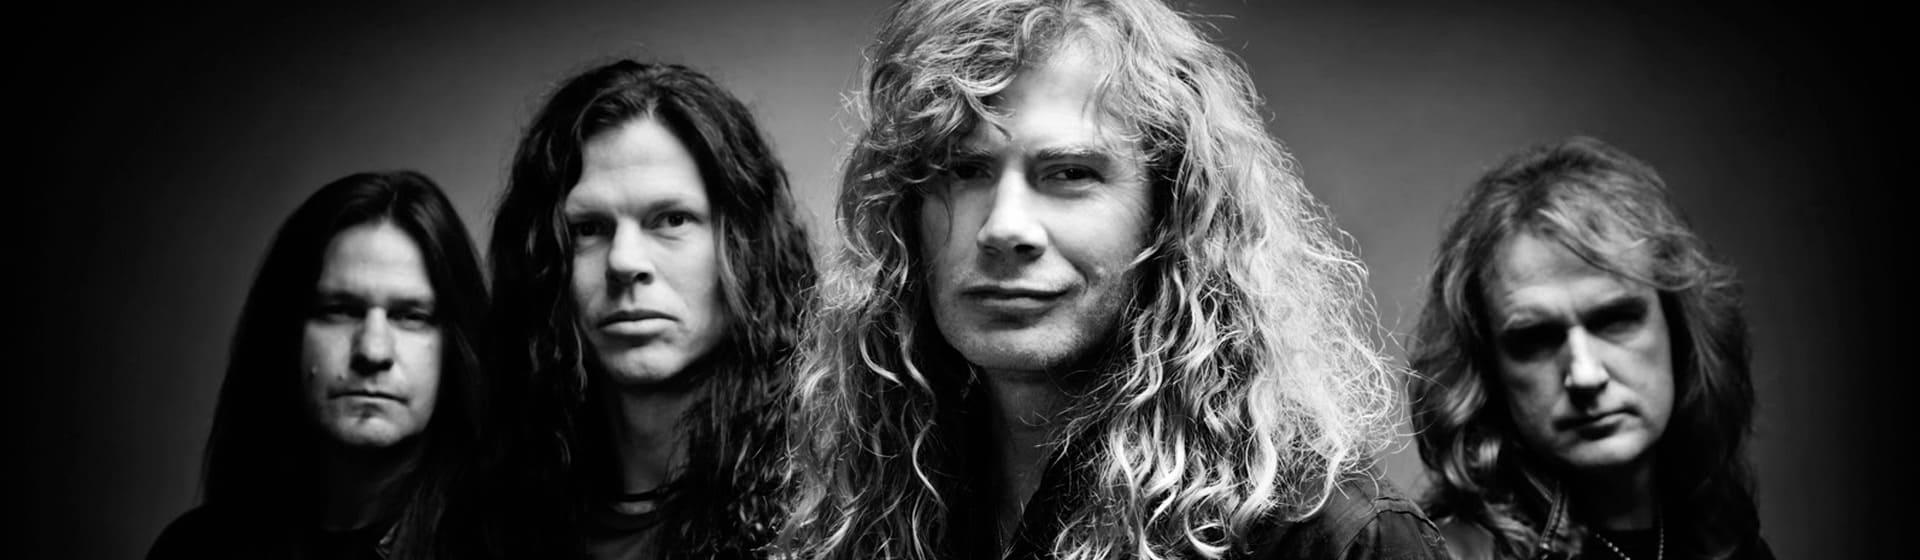 Megadeth - Мерч и одежда с атрибутикой